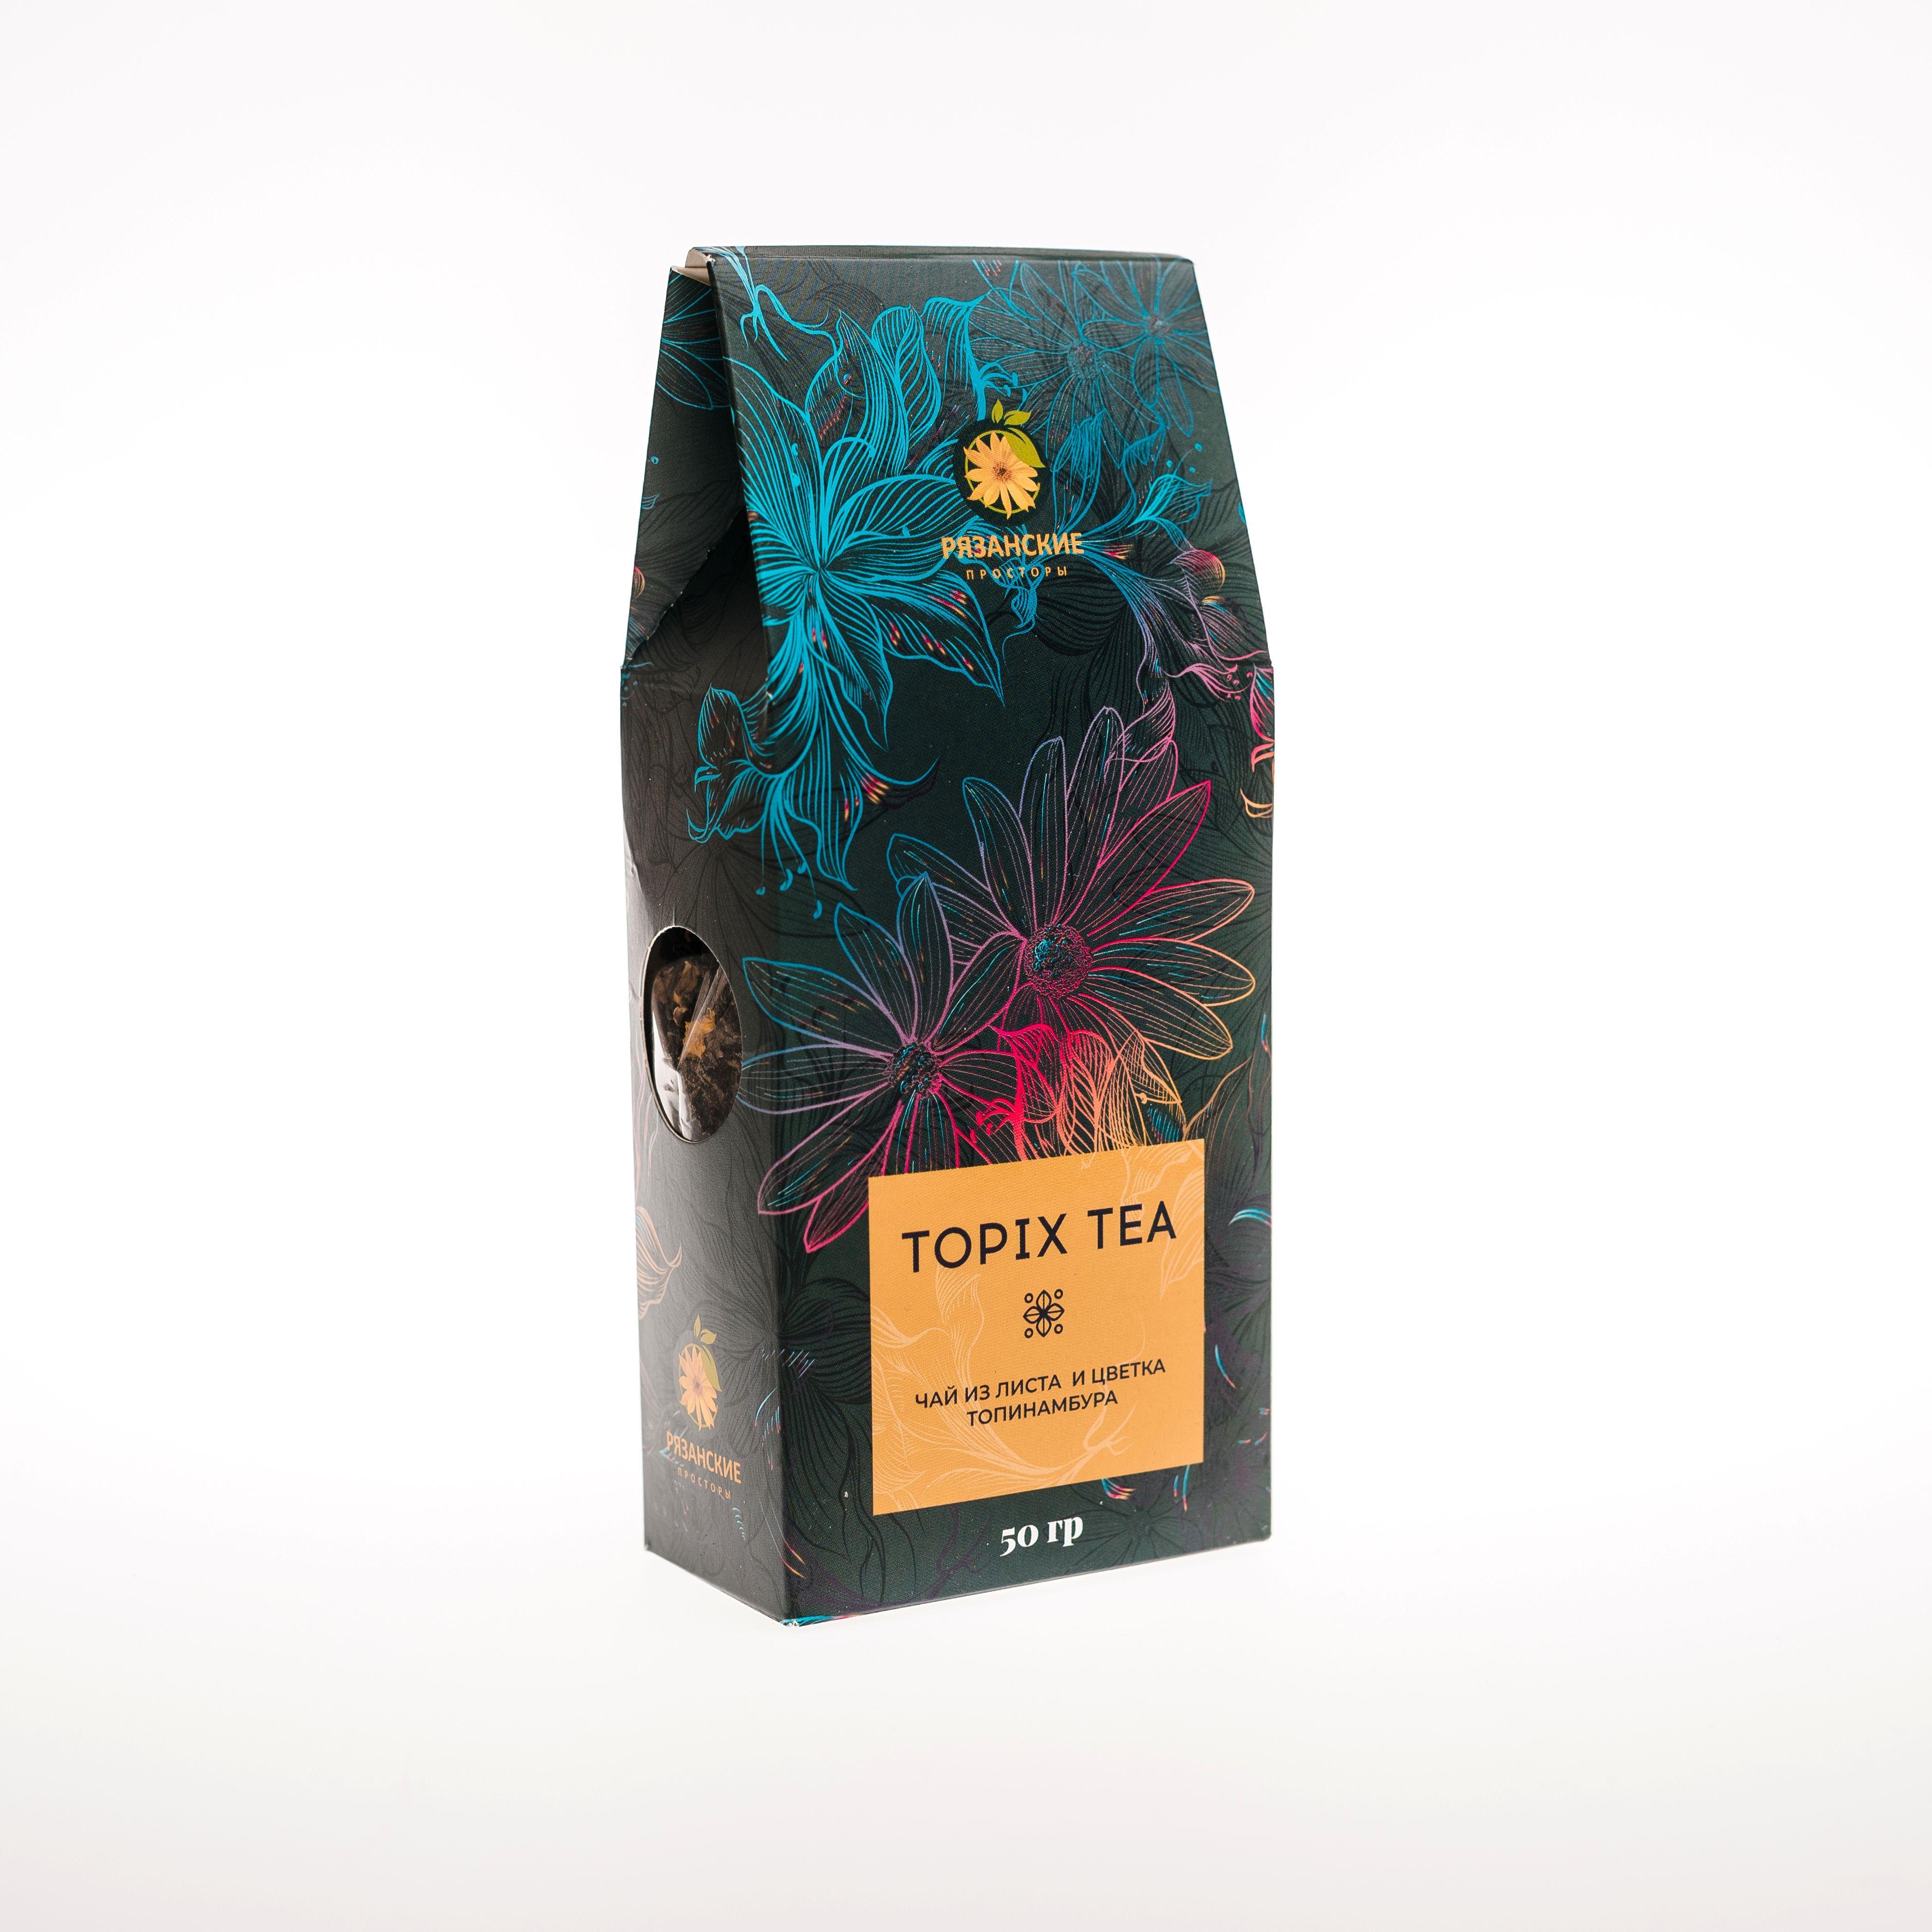 Topinambur leaf tea